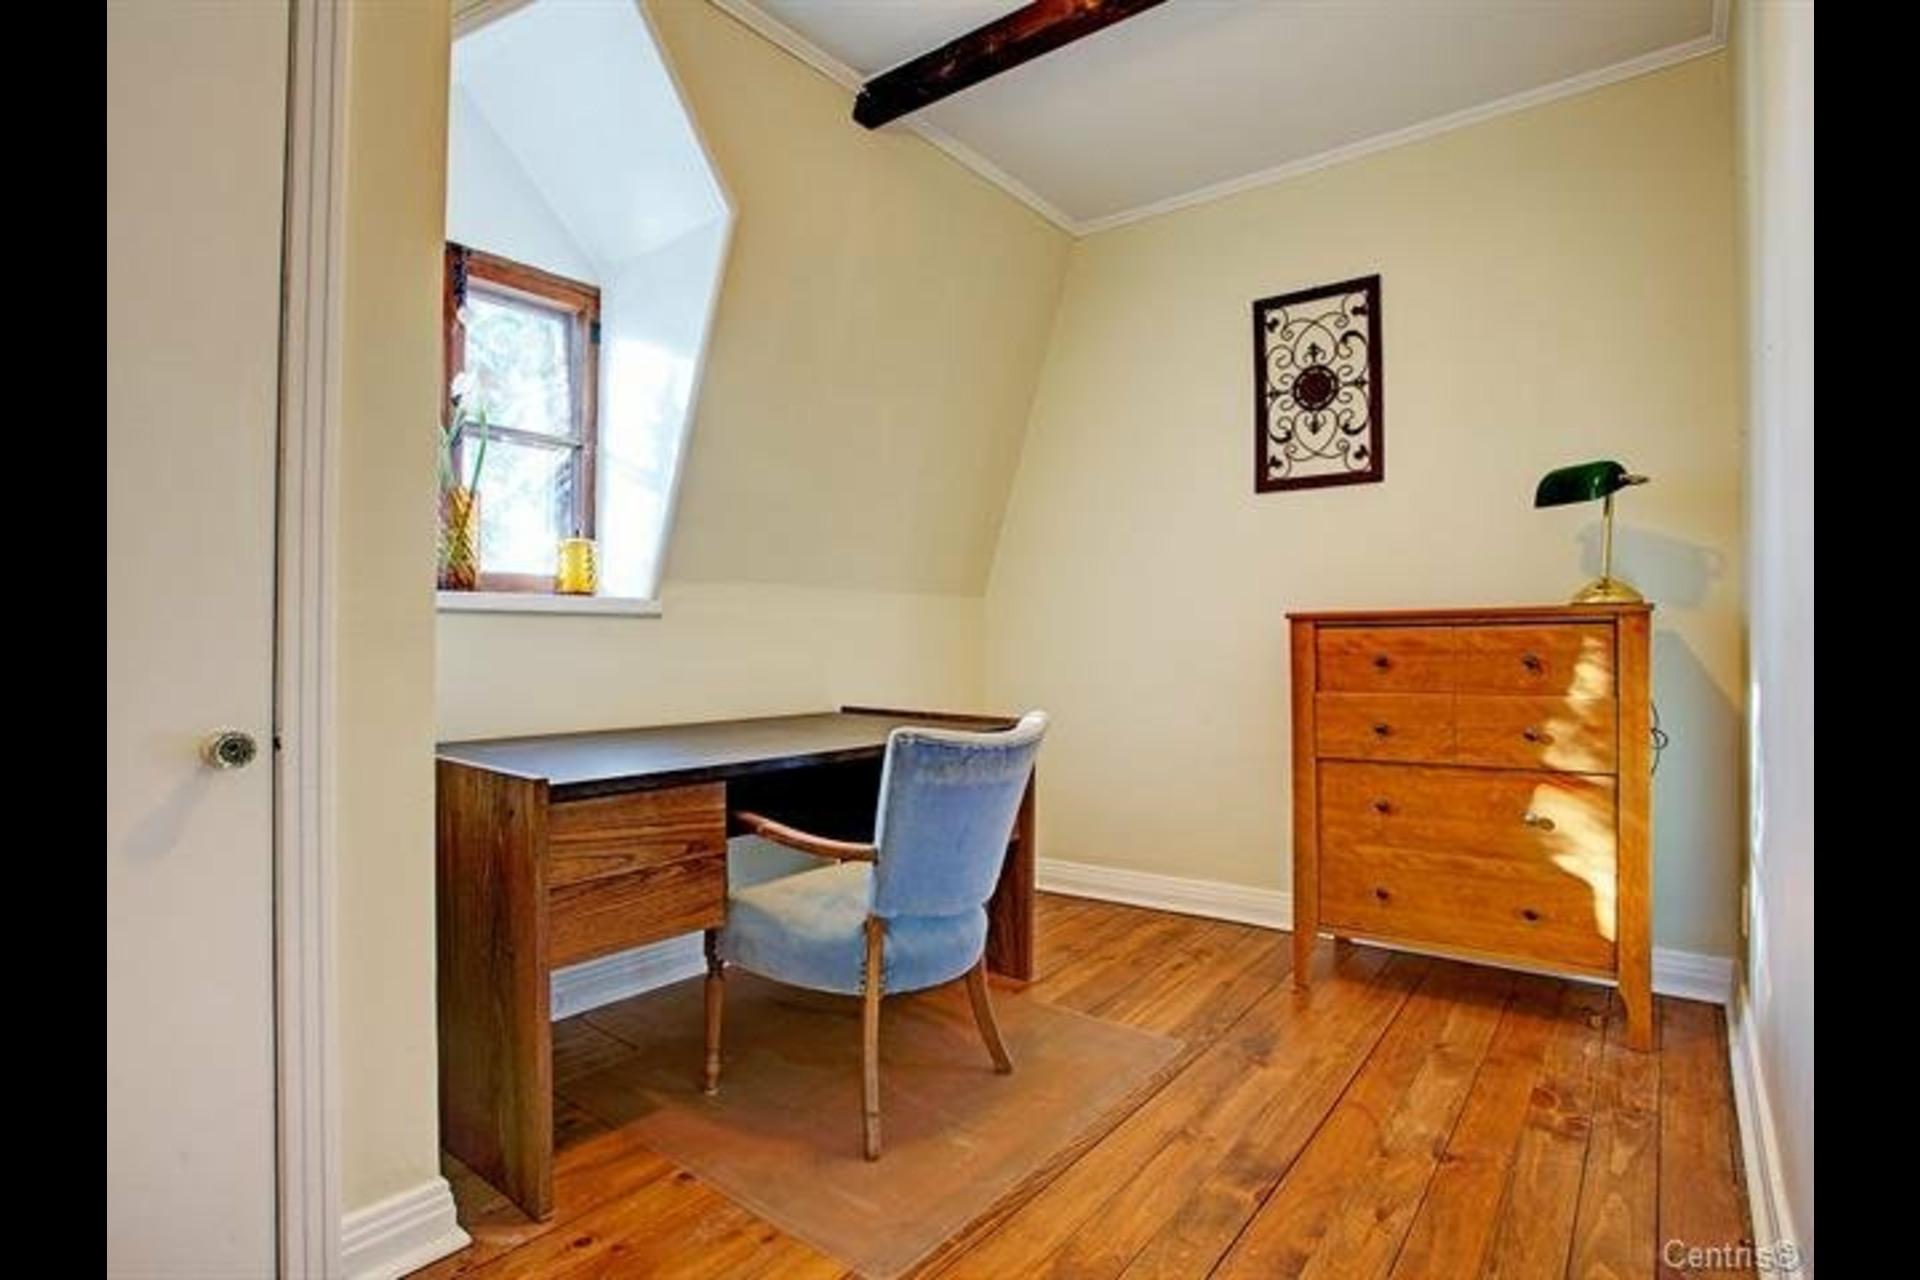 image 15 - MX - Casa sola - MX En venta Vaudreuil-Dorion - 12 habitaciones